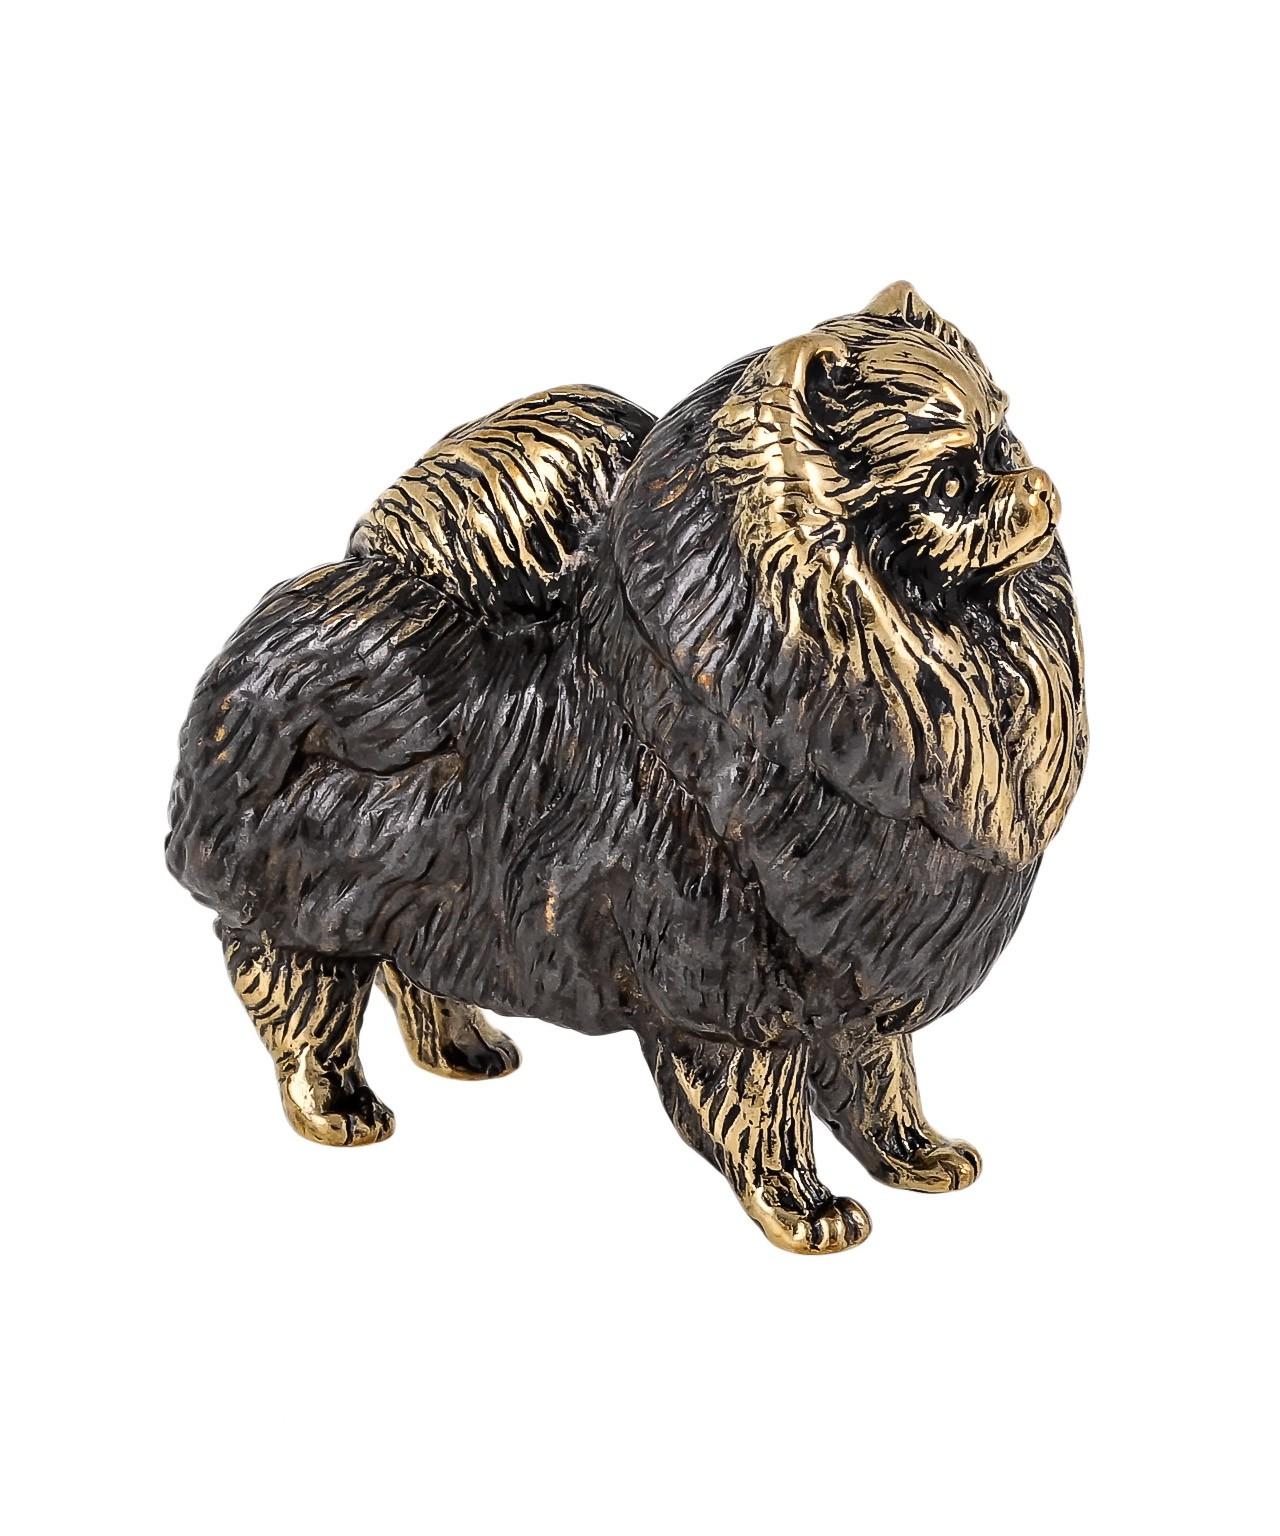 Собака Шпиц без подставки 1029.1